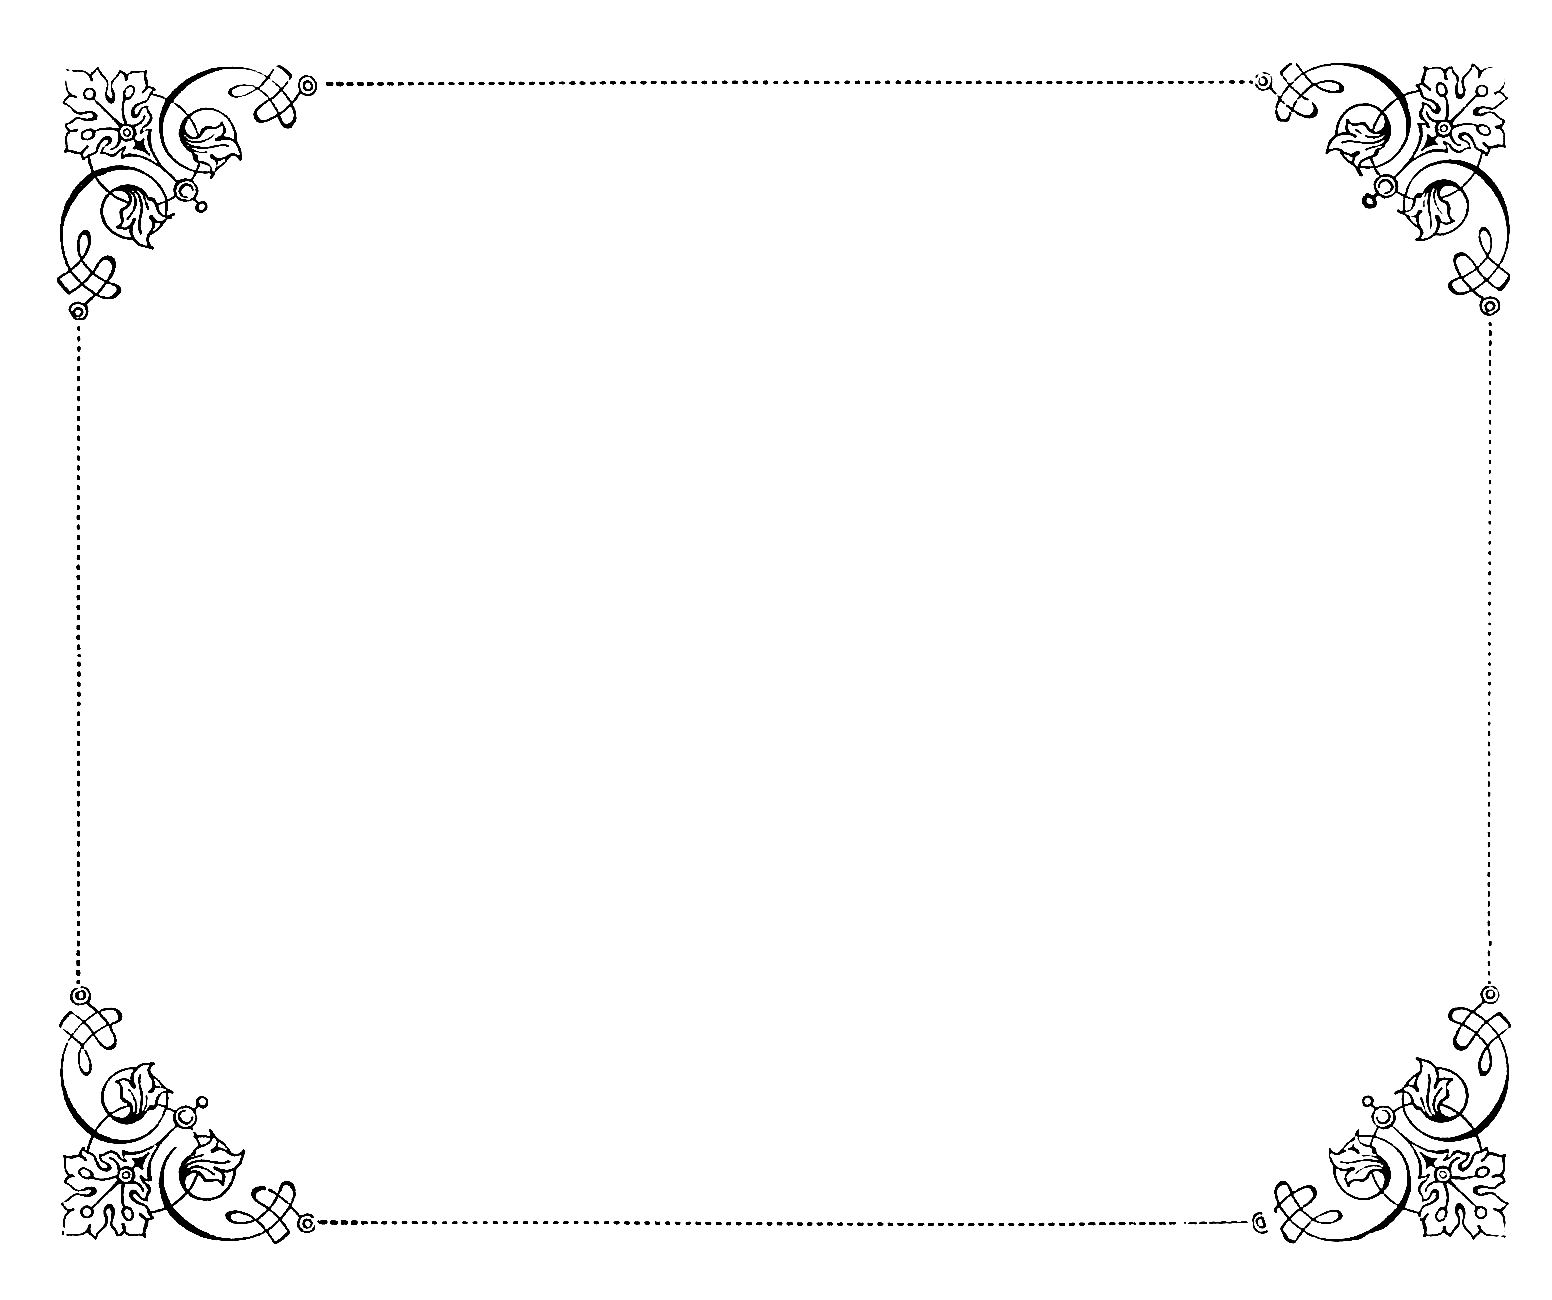 Digital Stamp Design: Free Frame Digital Stamp: Antique